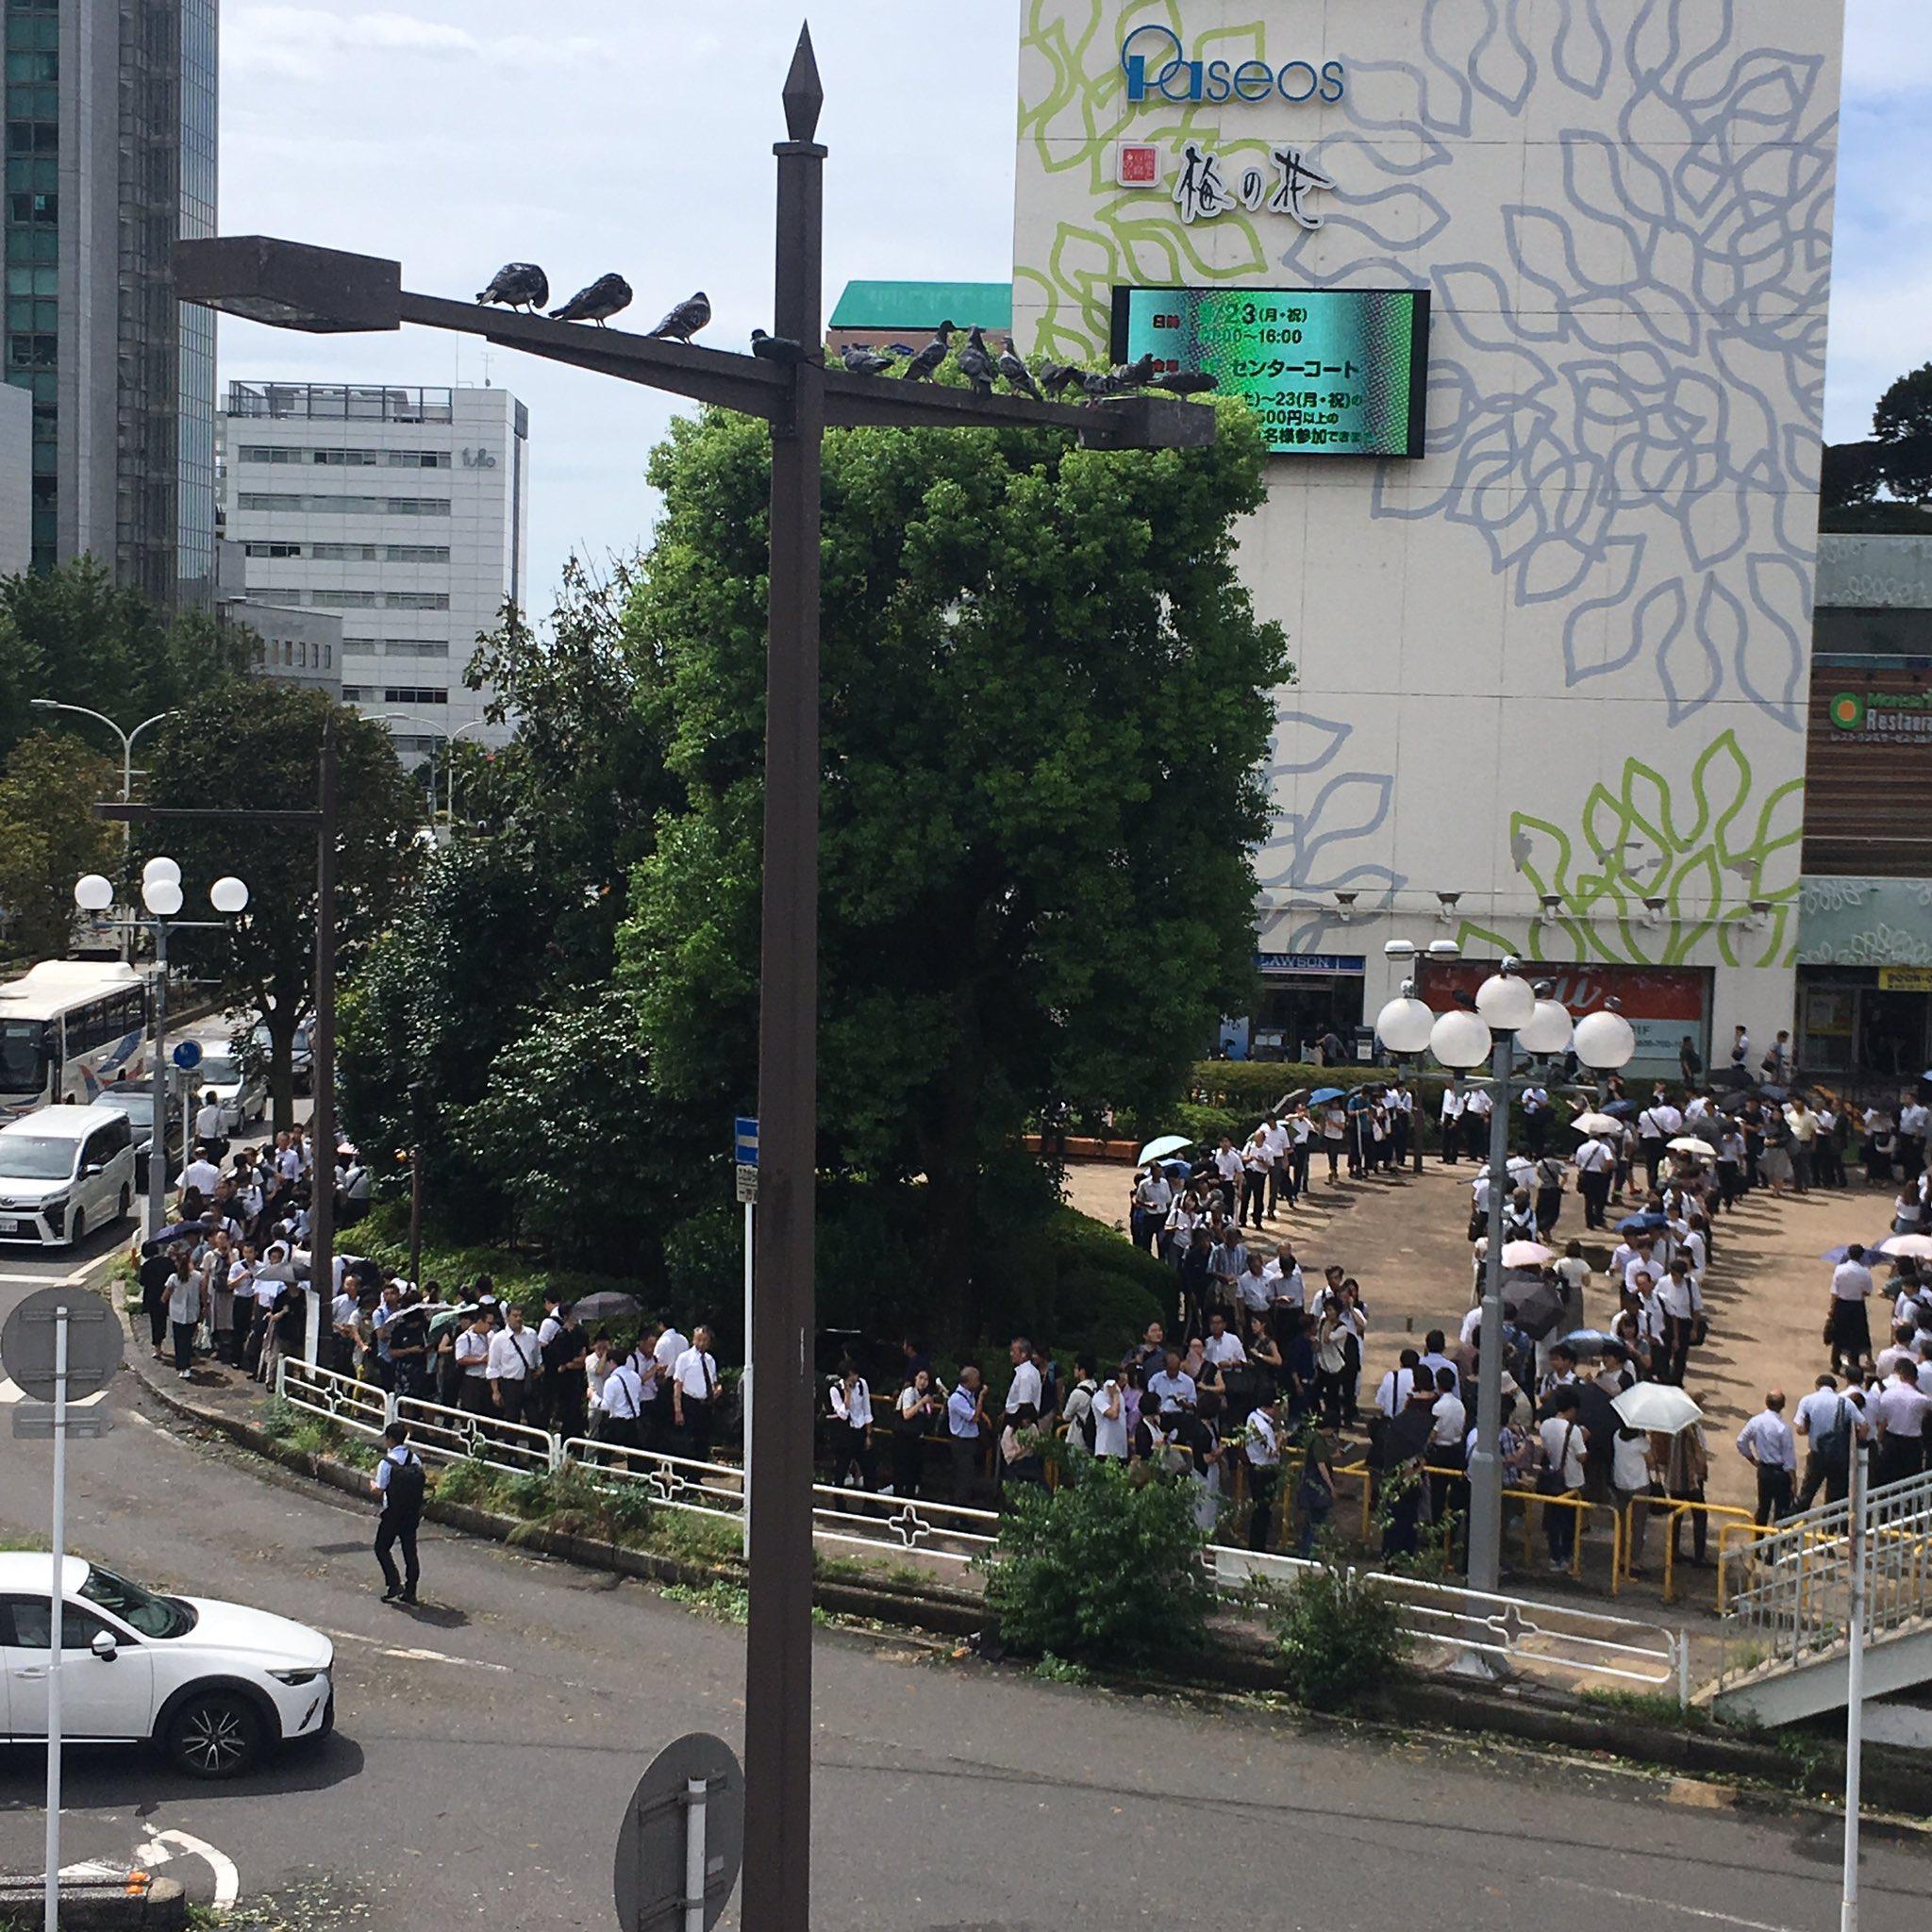 津田沼駅に長蛇の列ができている現場の画像